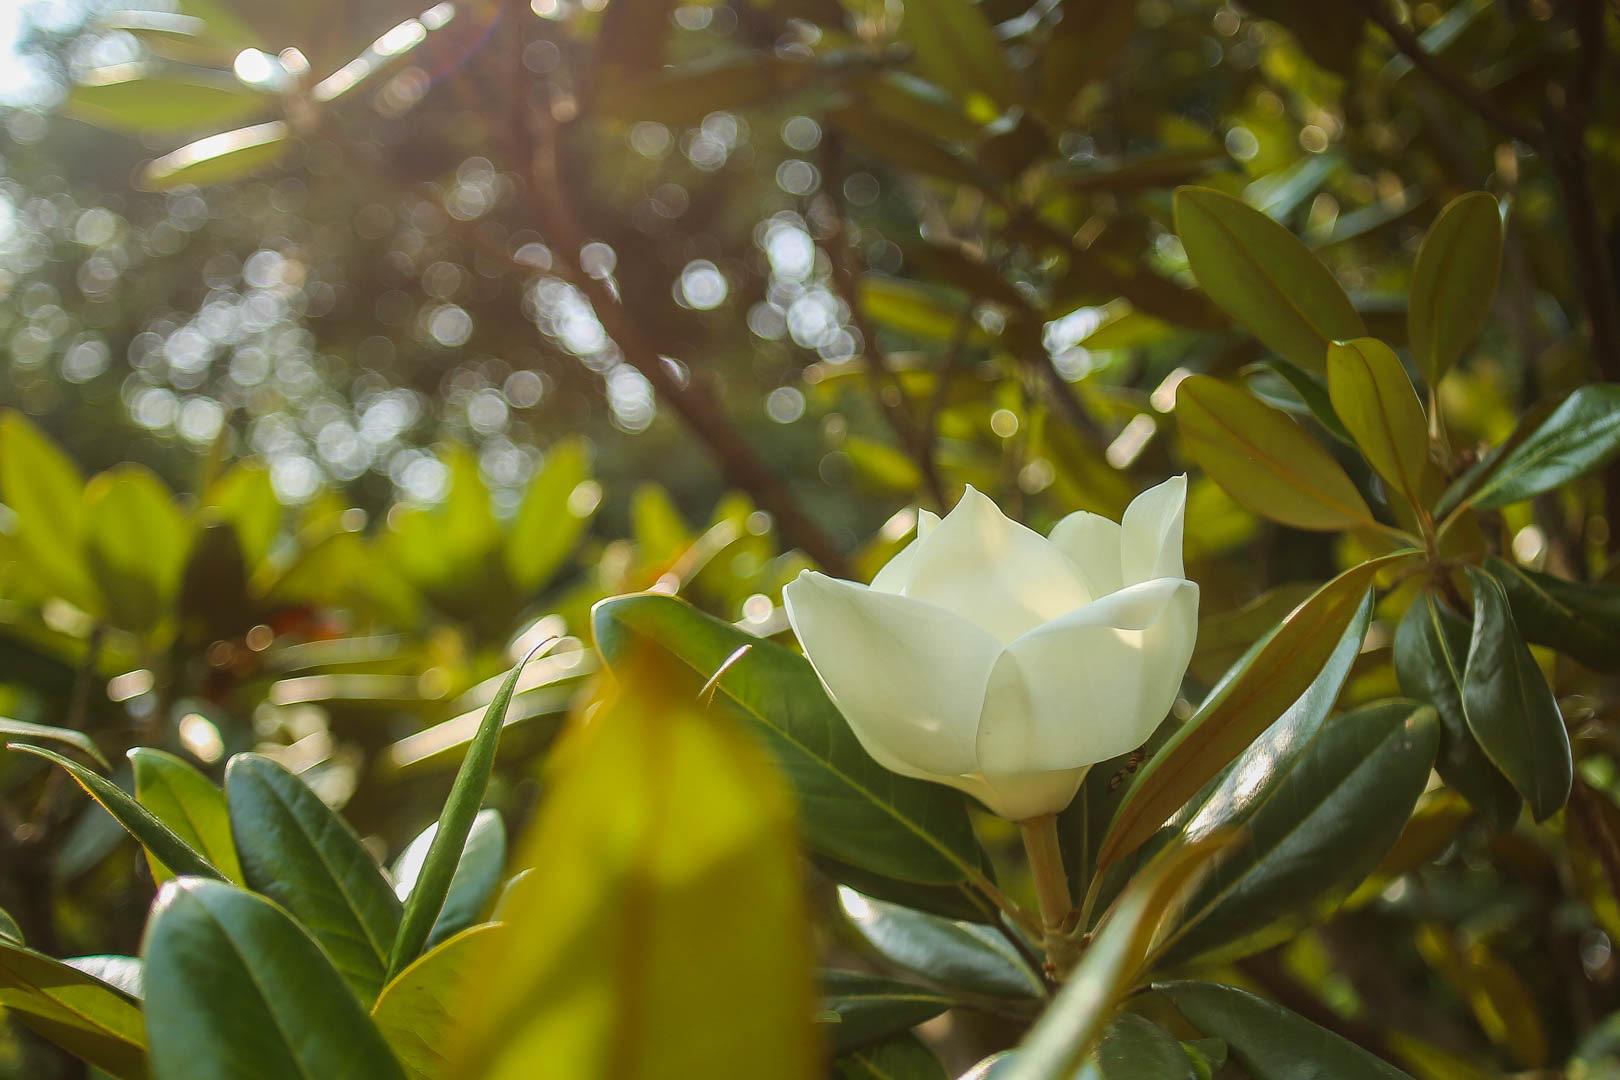 Kỳ lạ đóa sen nằm trên cạn, tỏa hương thơm ngát ngôi chùa trăm năm tuổi - Ảnh 12.